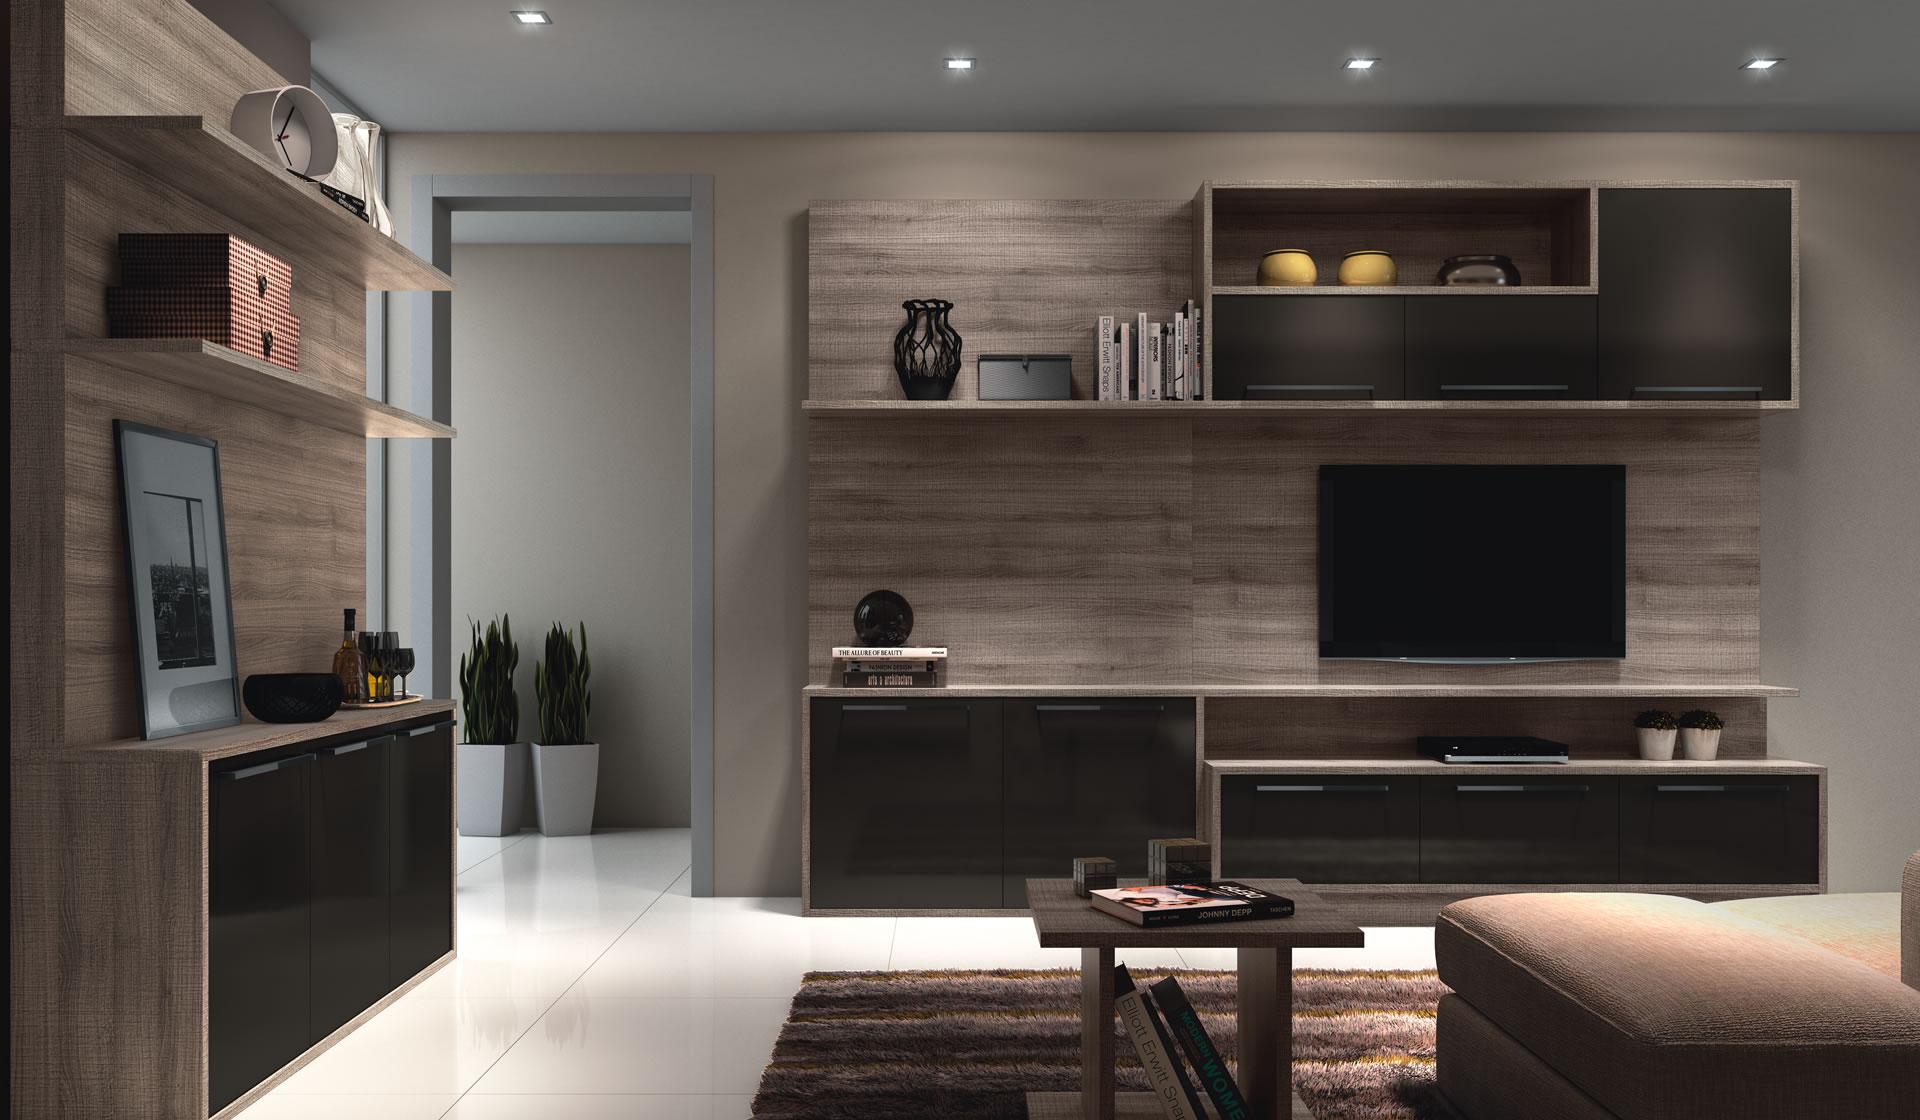 Sala planejada com móveis escuros